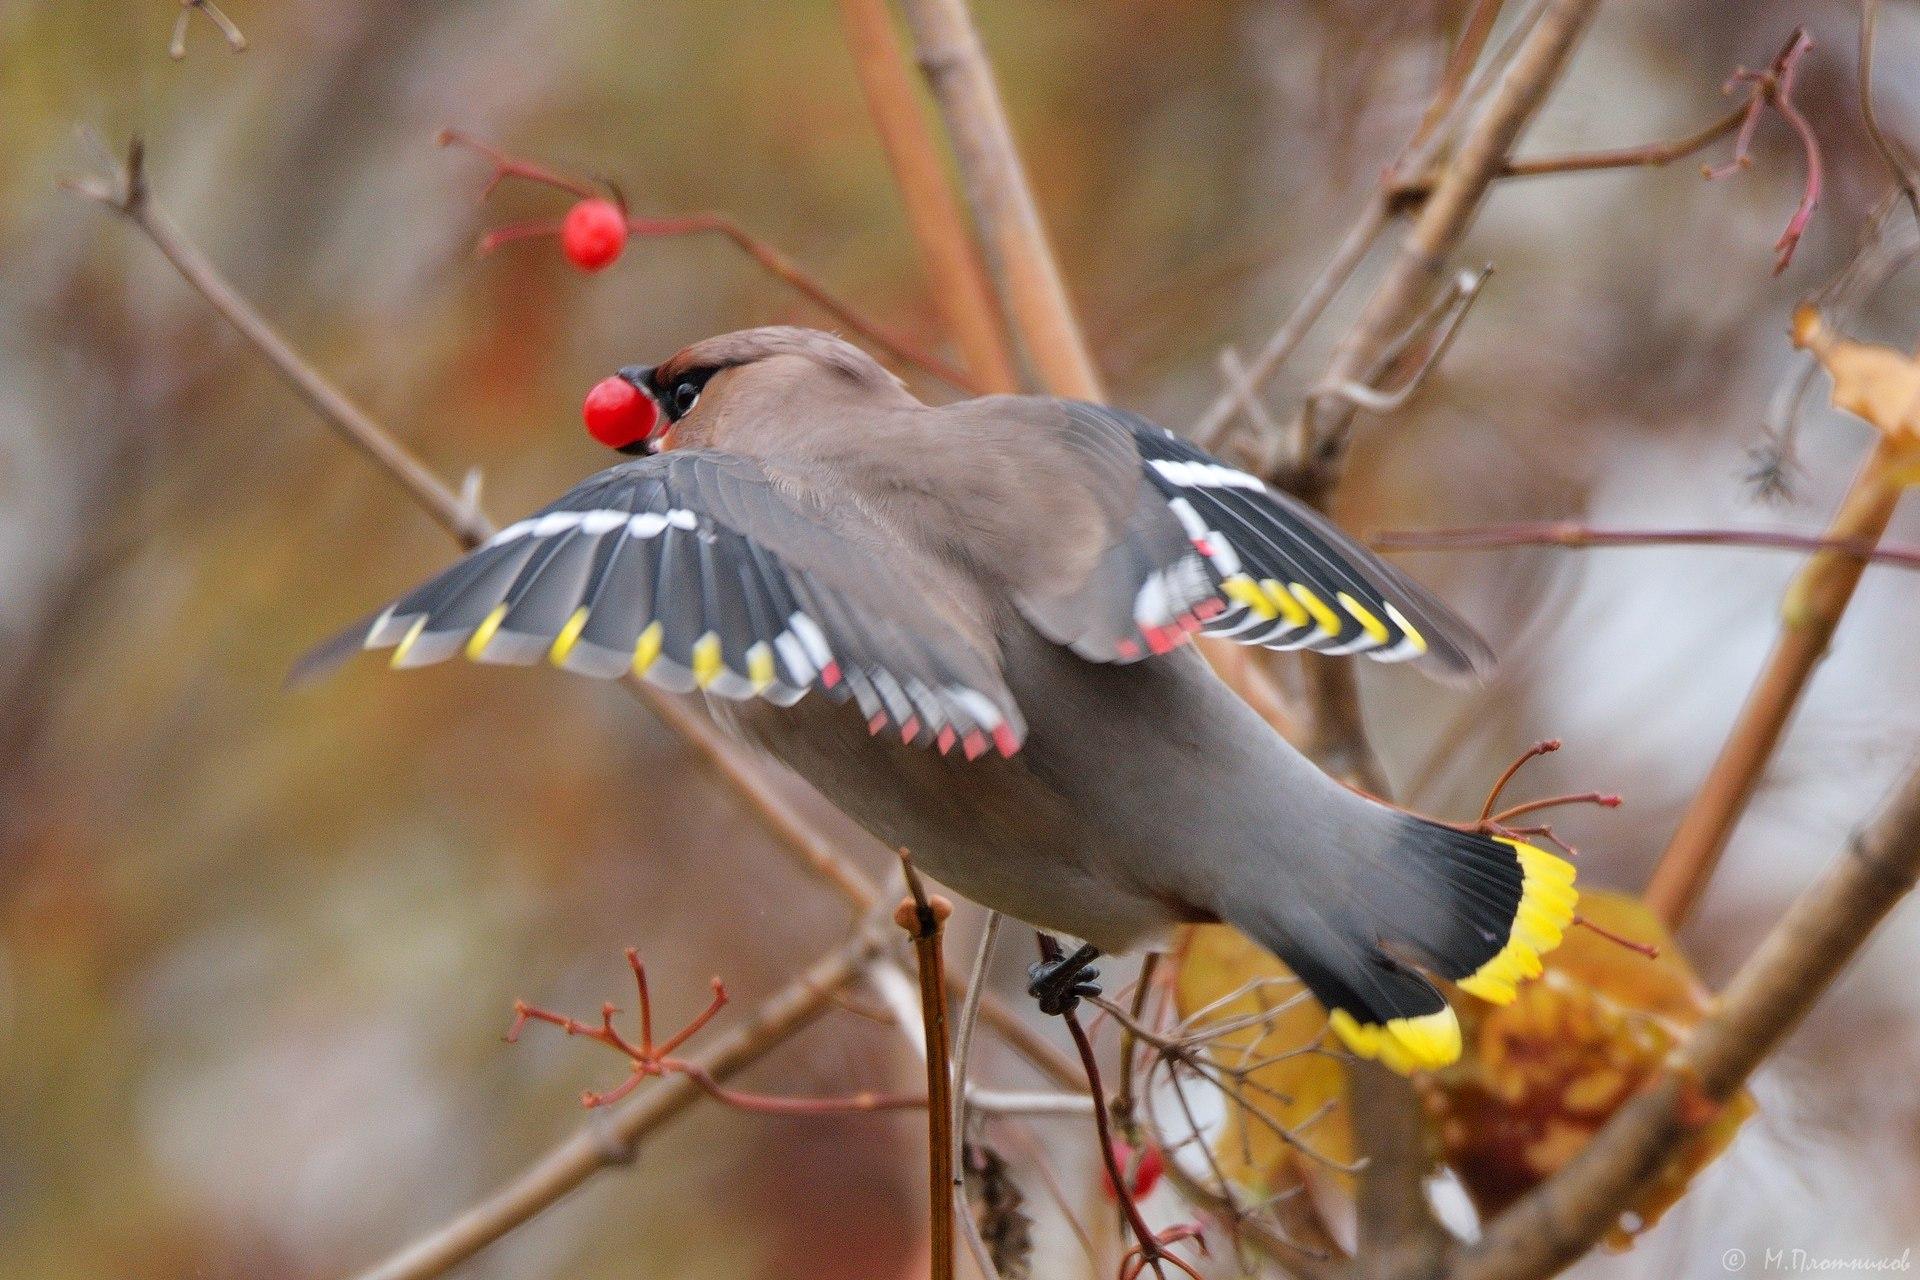 сама птицы перми название и фото бесплатно